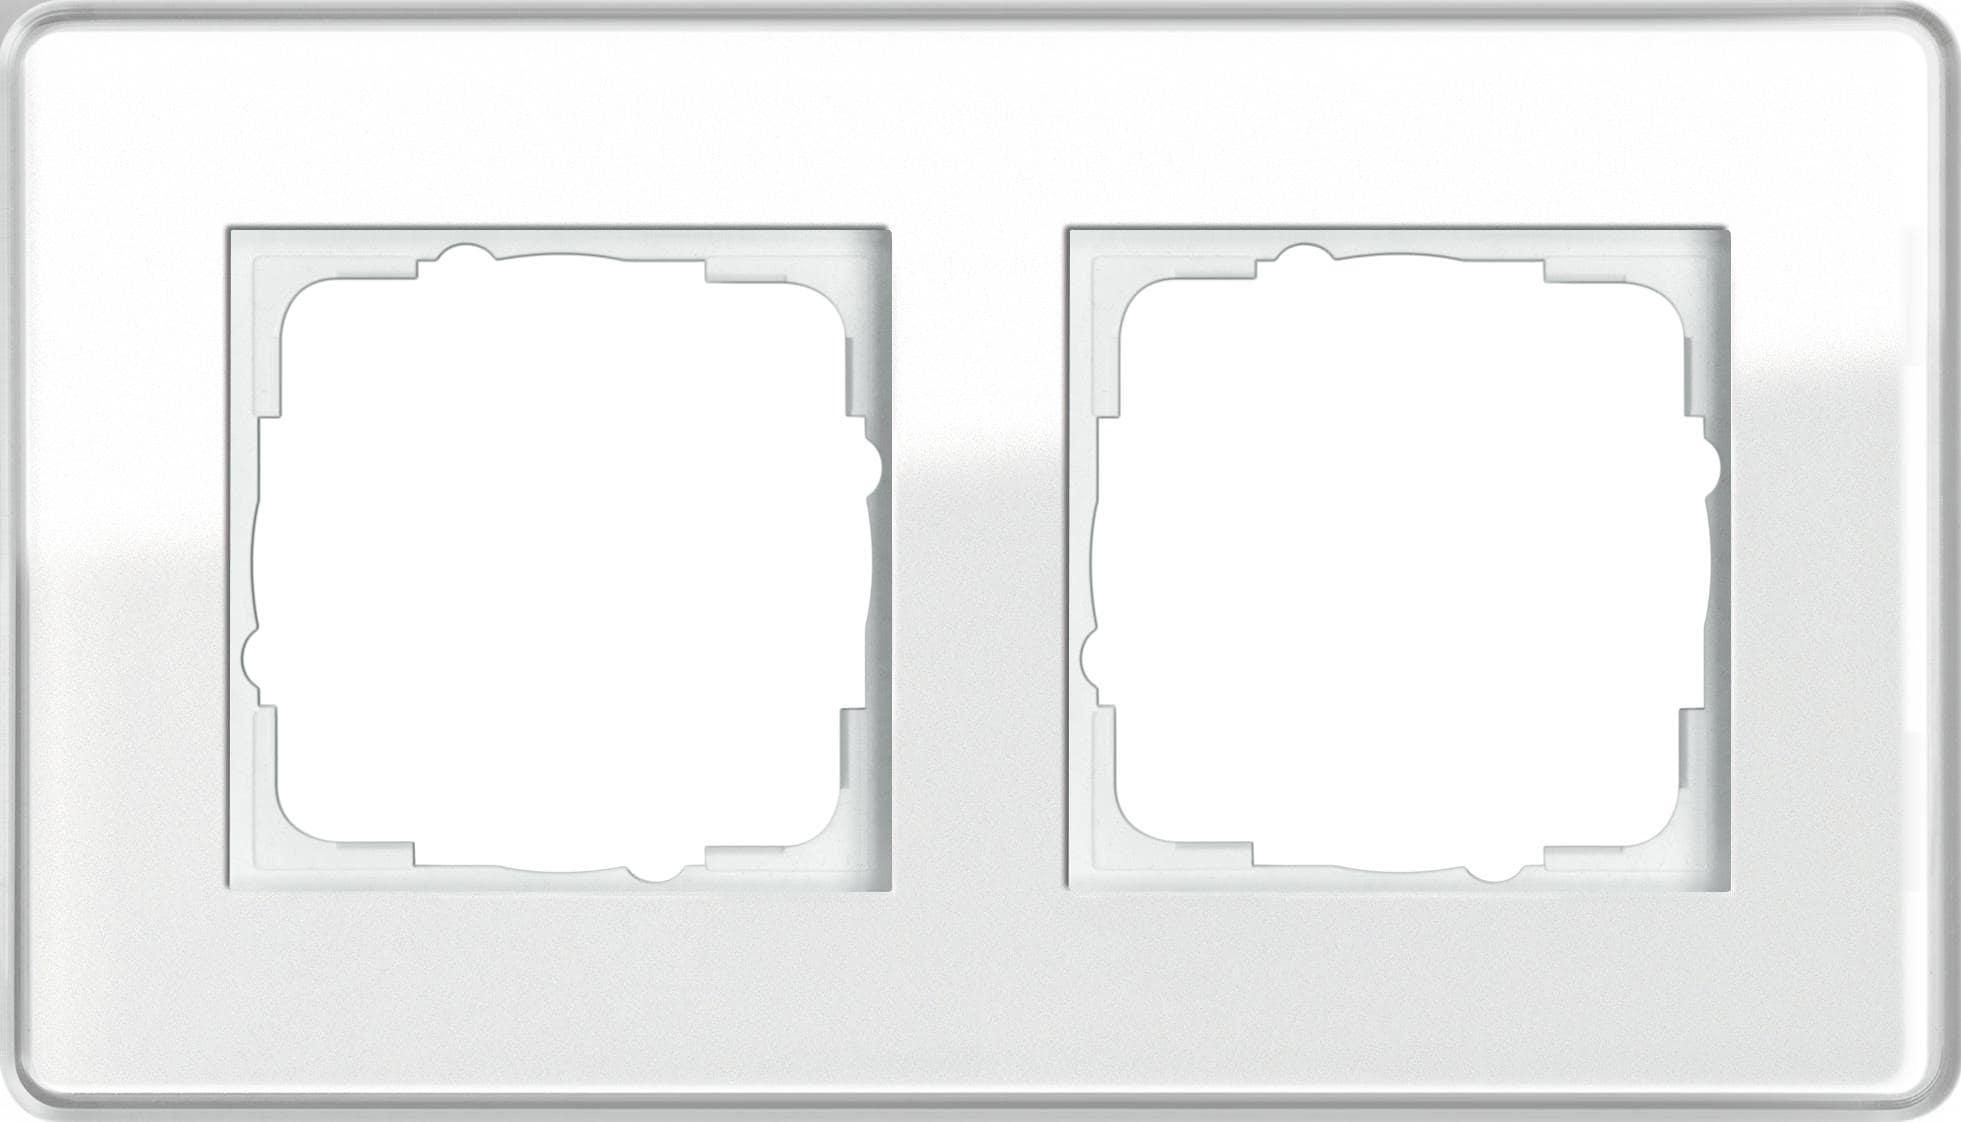 abdeckrahmen 2fach glas c wei esprit gira 0212512 von. Black Bedroom Furniture Sets. Home Design Ideas